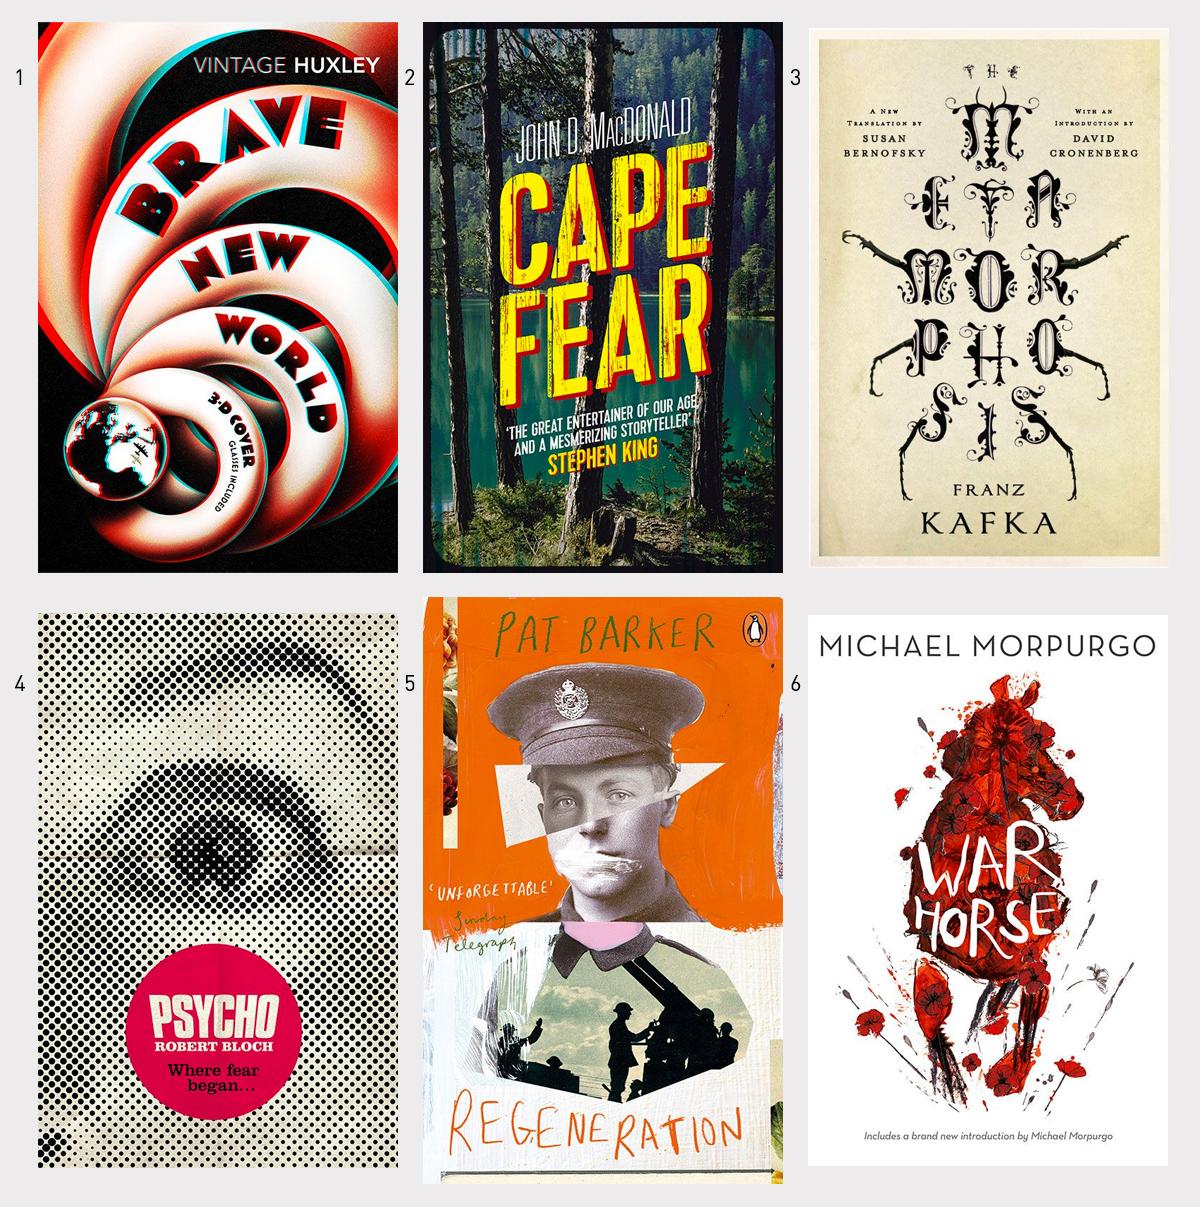 abcoverd-classics-reissue-2015-booketing